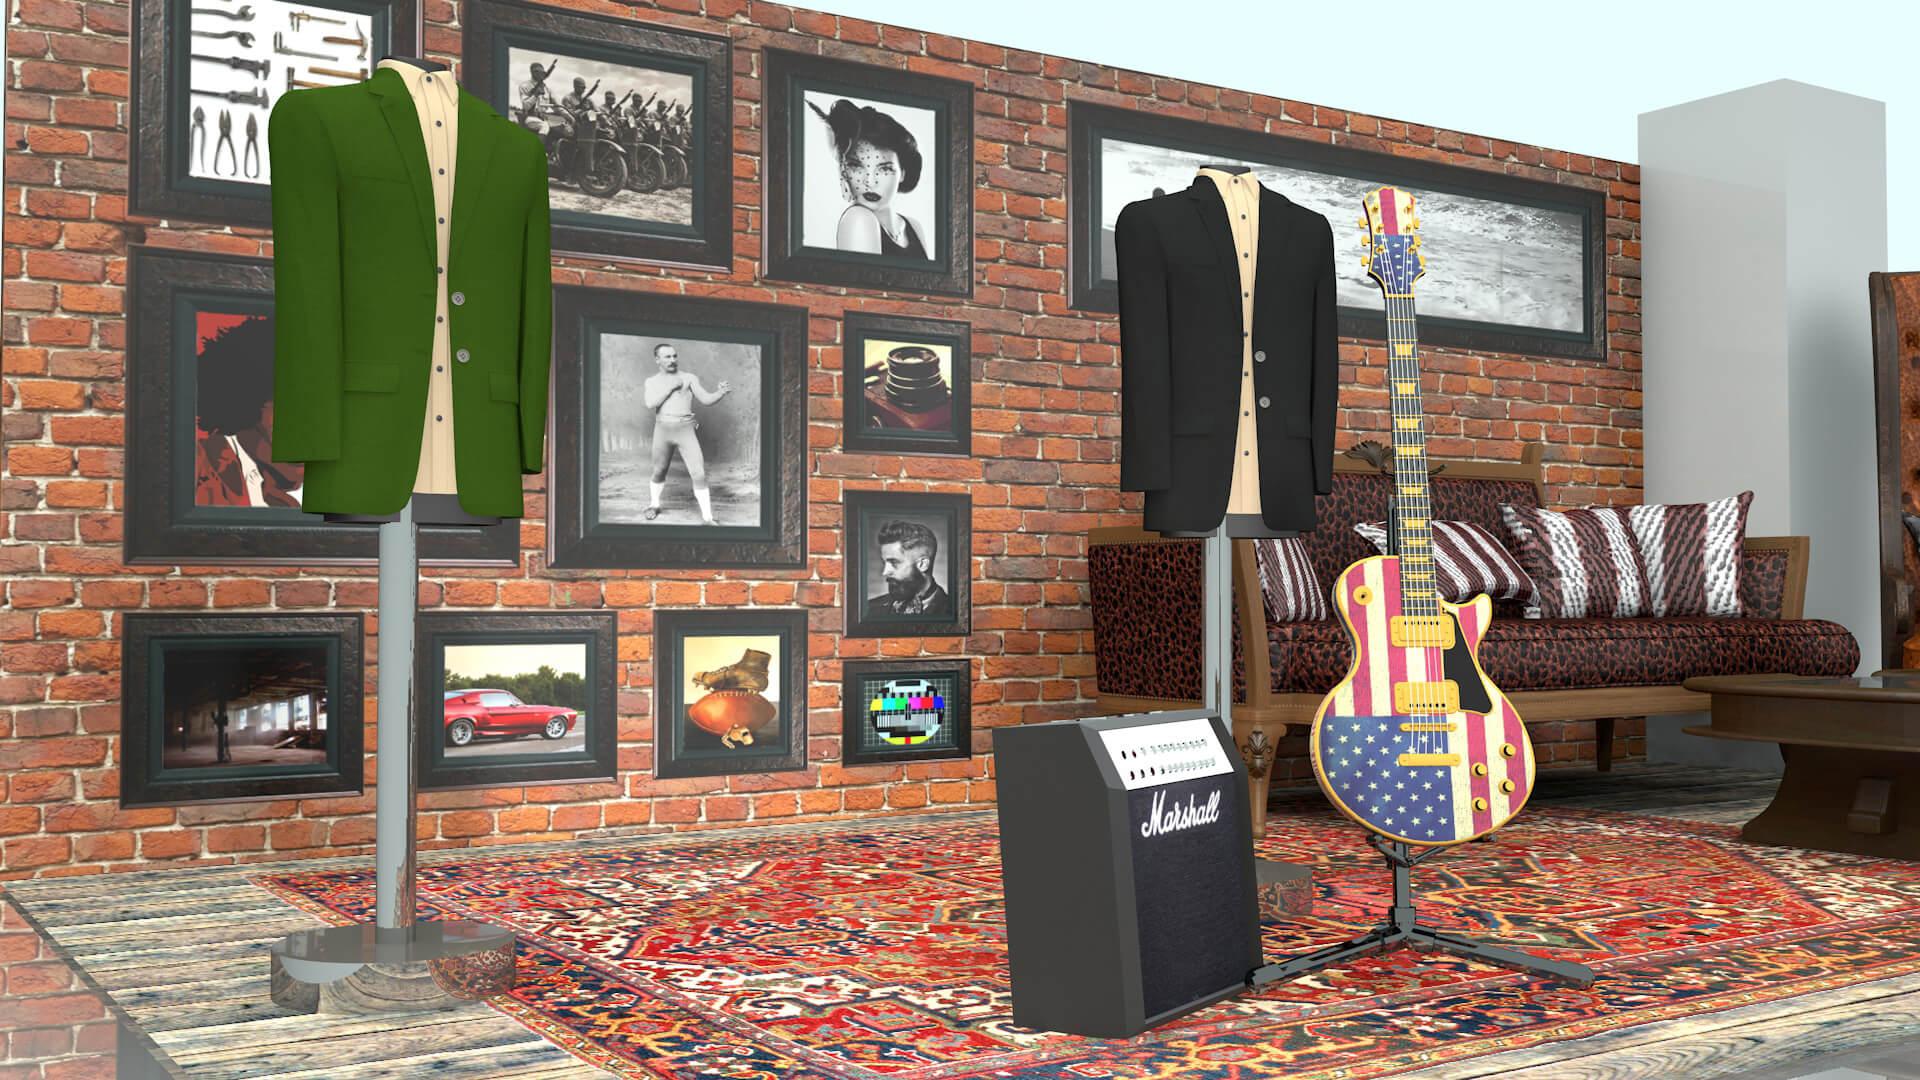 John Varvatos Mens Fashion Designer Pop Up Shop